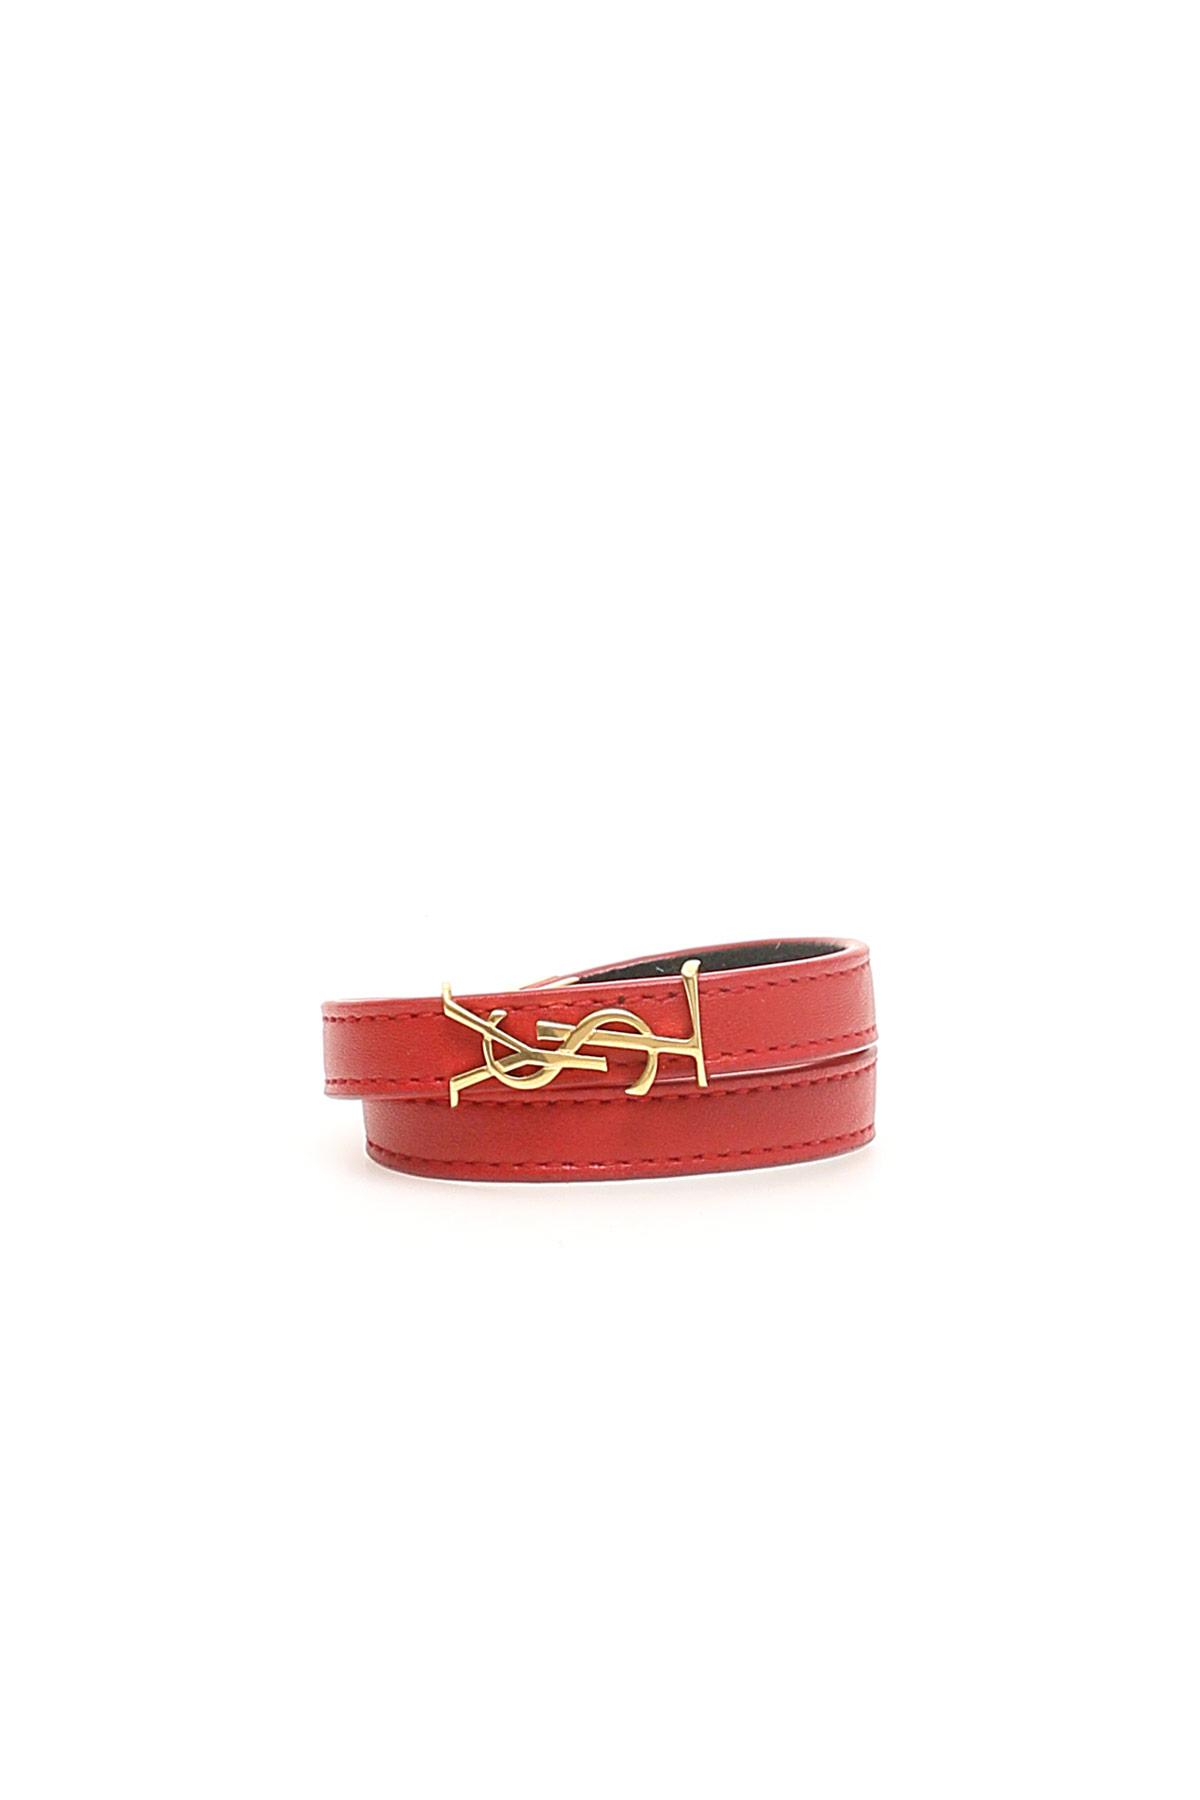 SAINT LAURENT OPYUM BRACELET M Red Leather